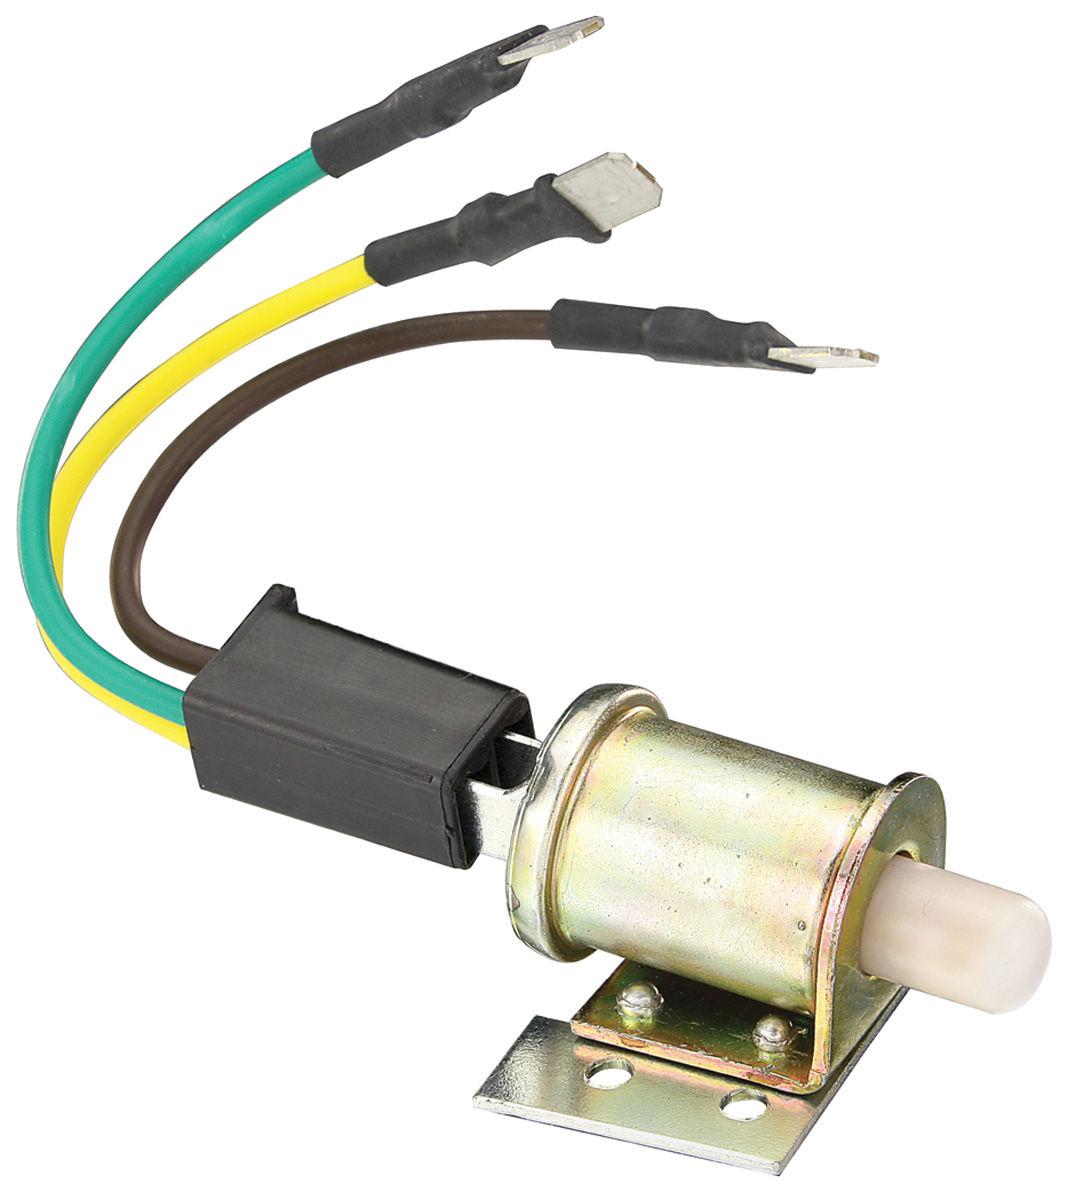 AC Compressor Switch,1964-65 Chevelle/El Camino, Button on Case